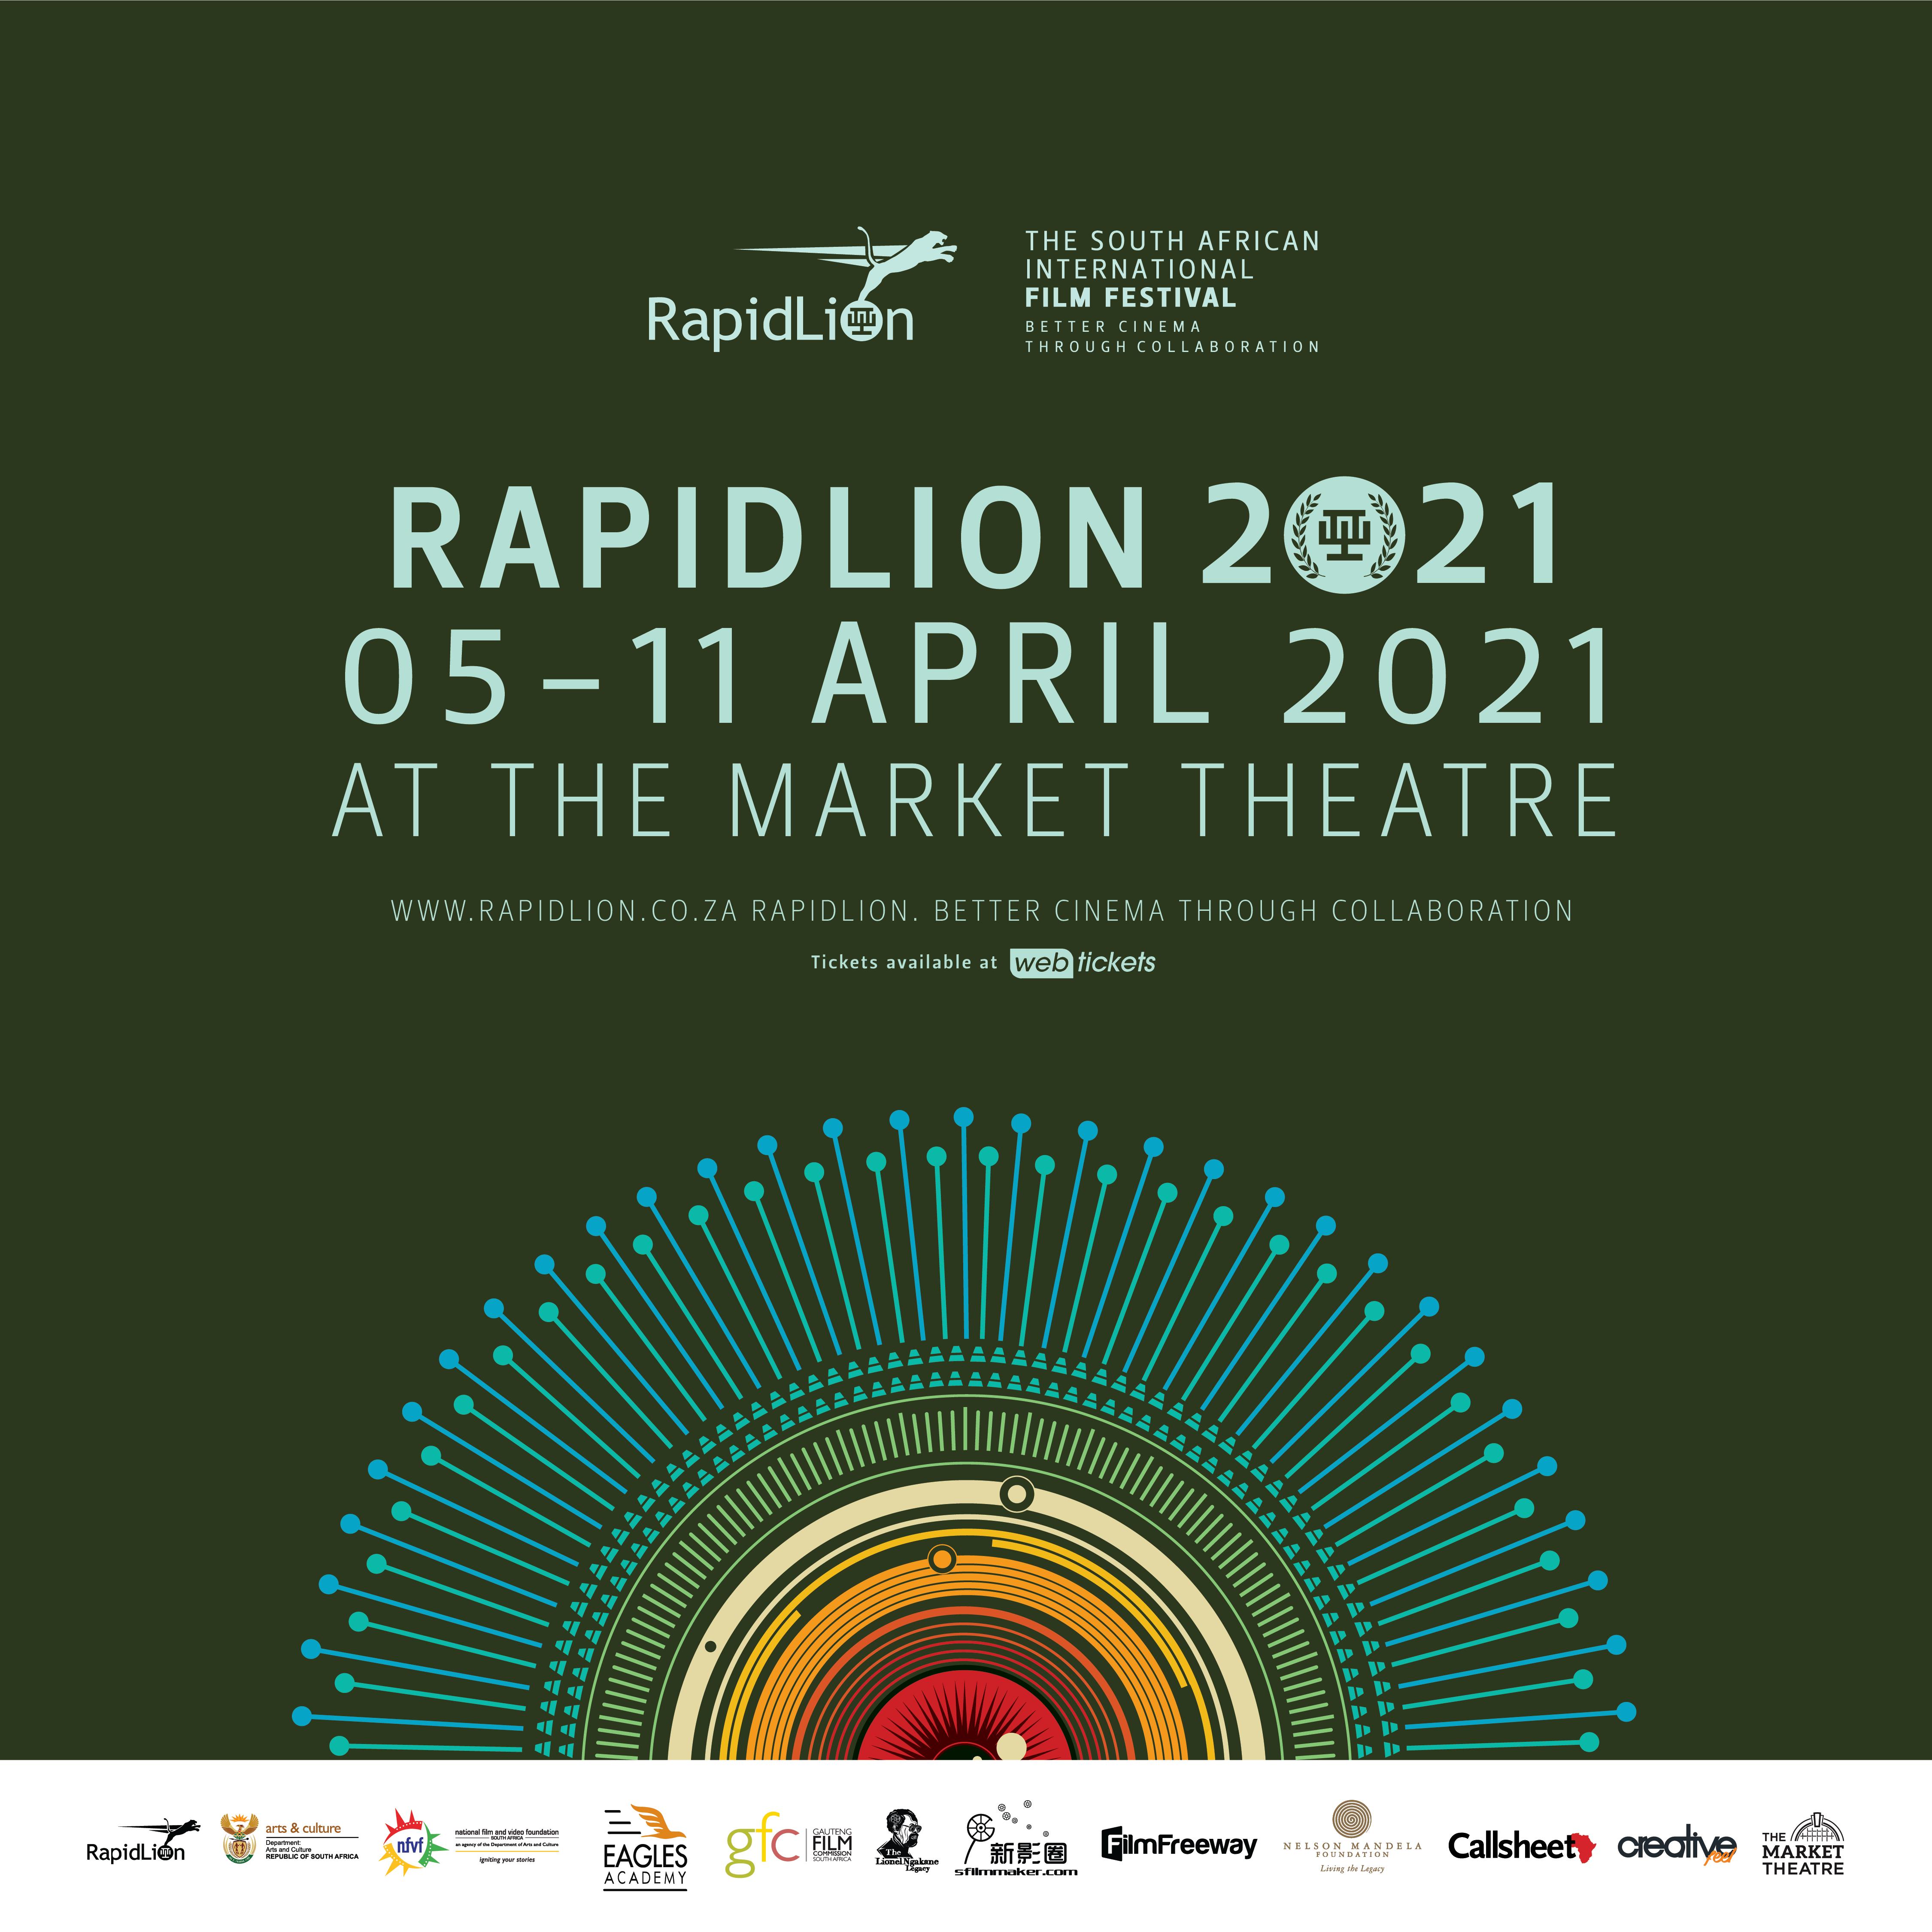 rapidlion-2021-social-media-post-er-01